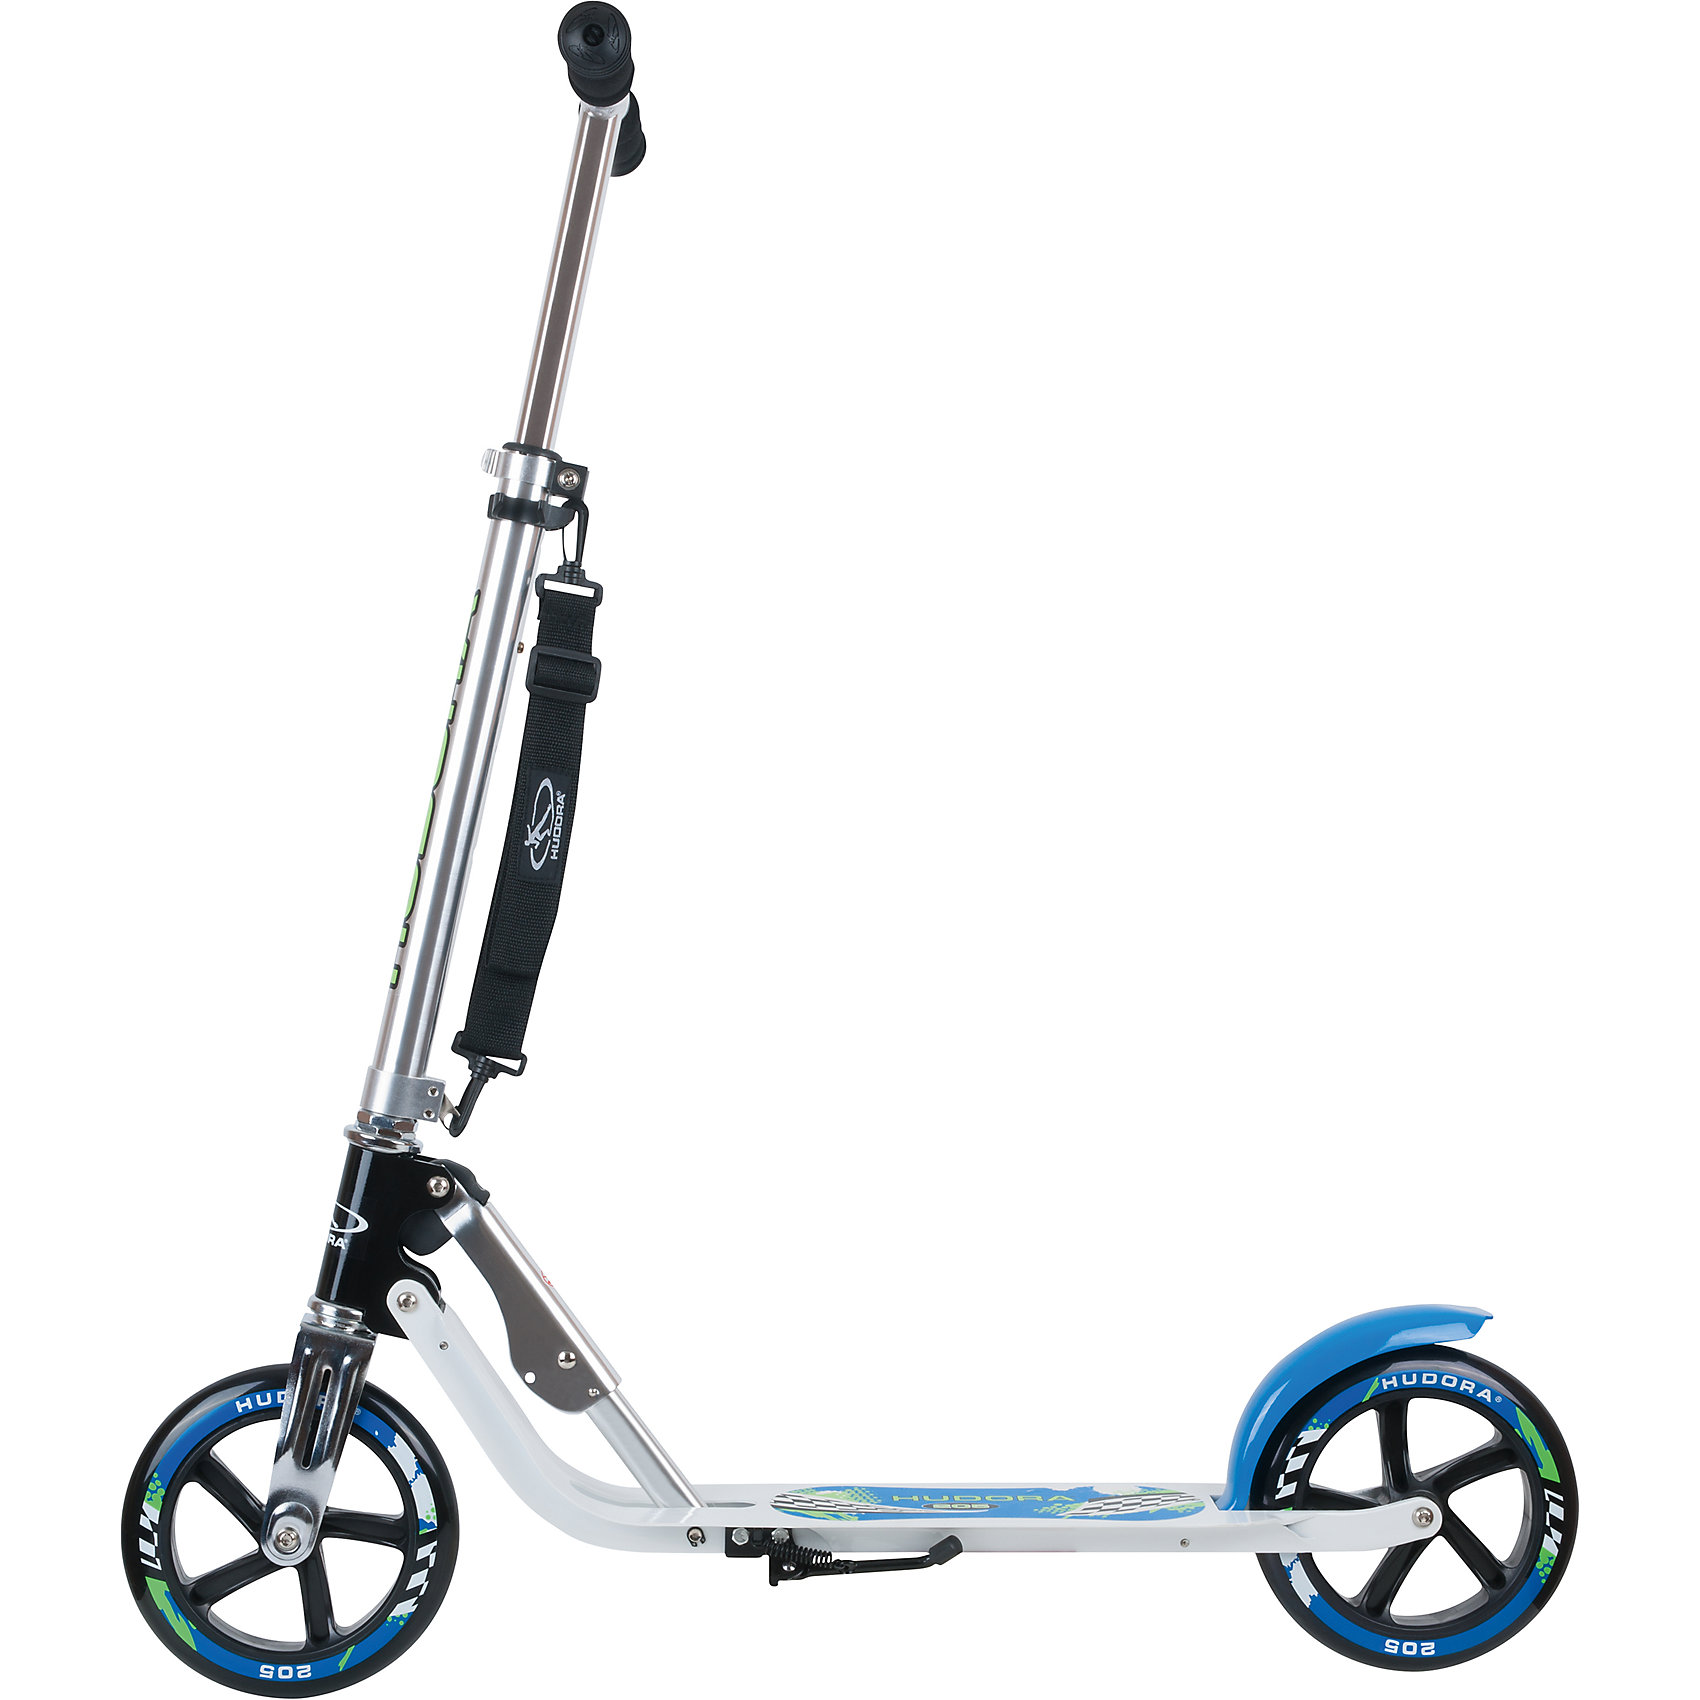 neu hudora scooter big wheel 205 mm pink schwarz 6071773. Black Bedroom Furniture Sets. Home Design Ideas